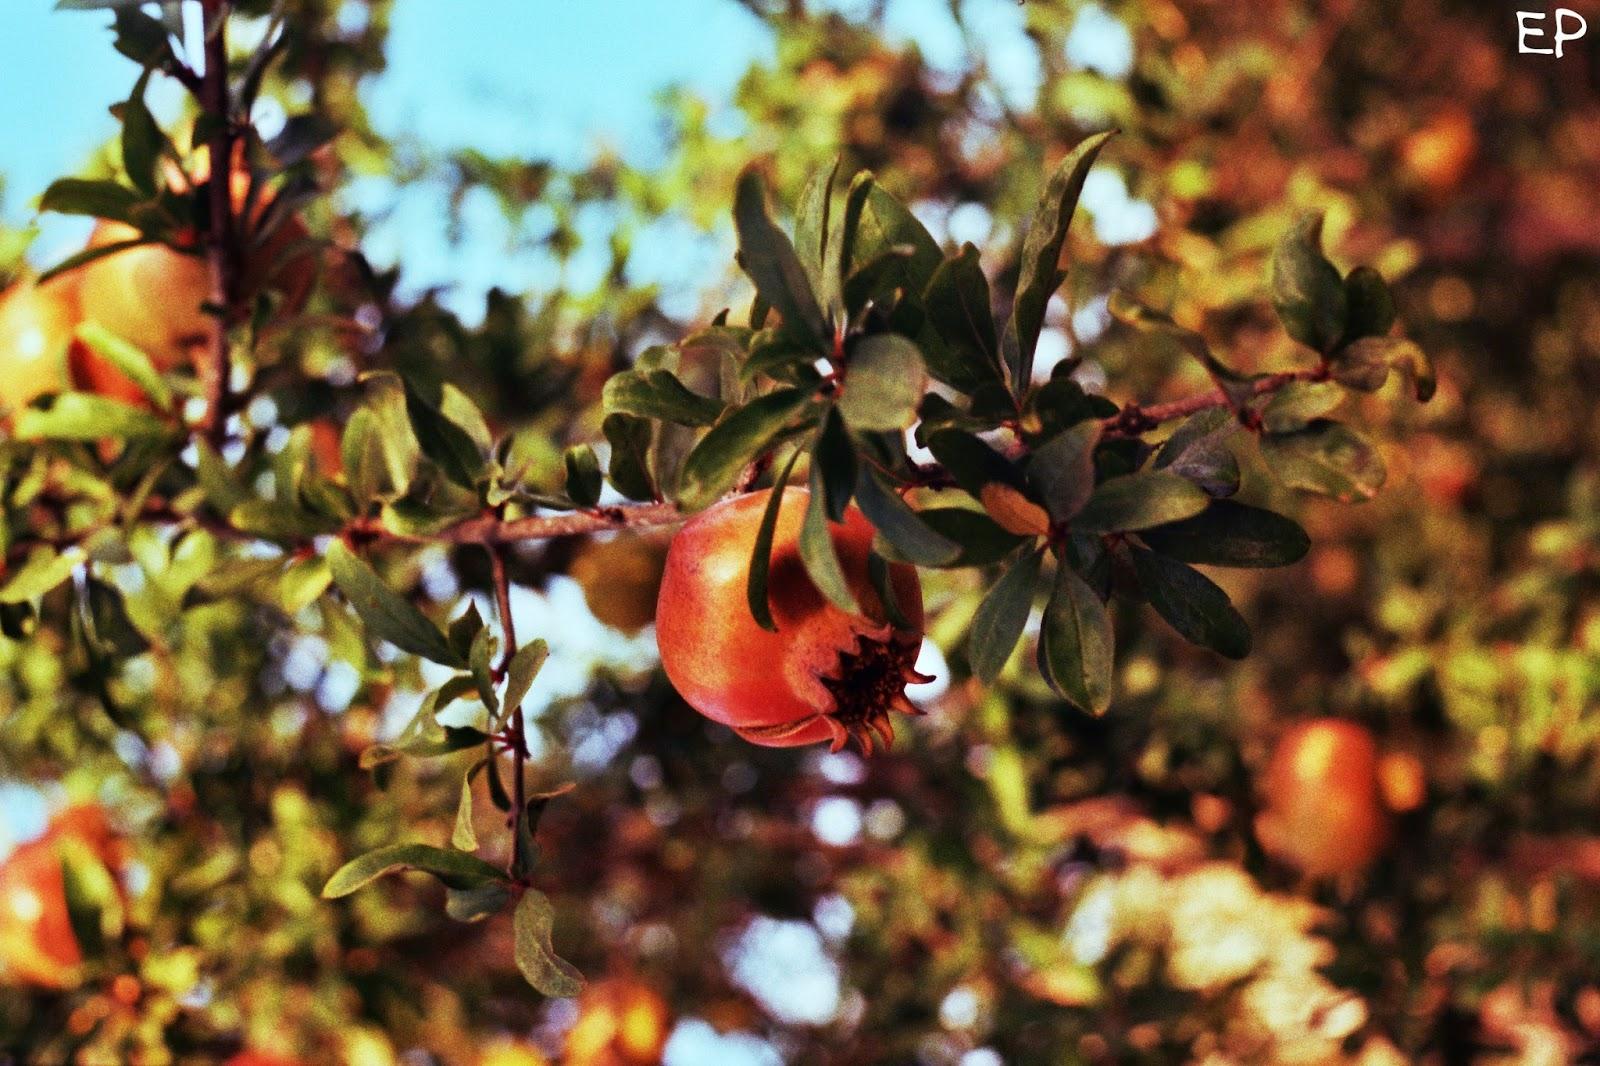 Pomgranate shot with a Praktica MTL5